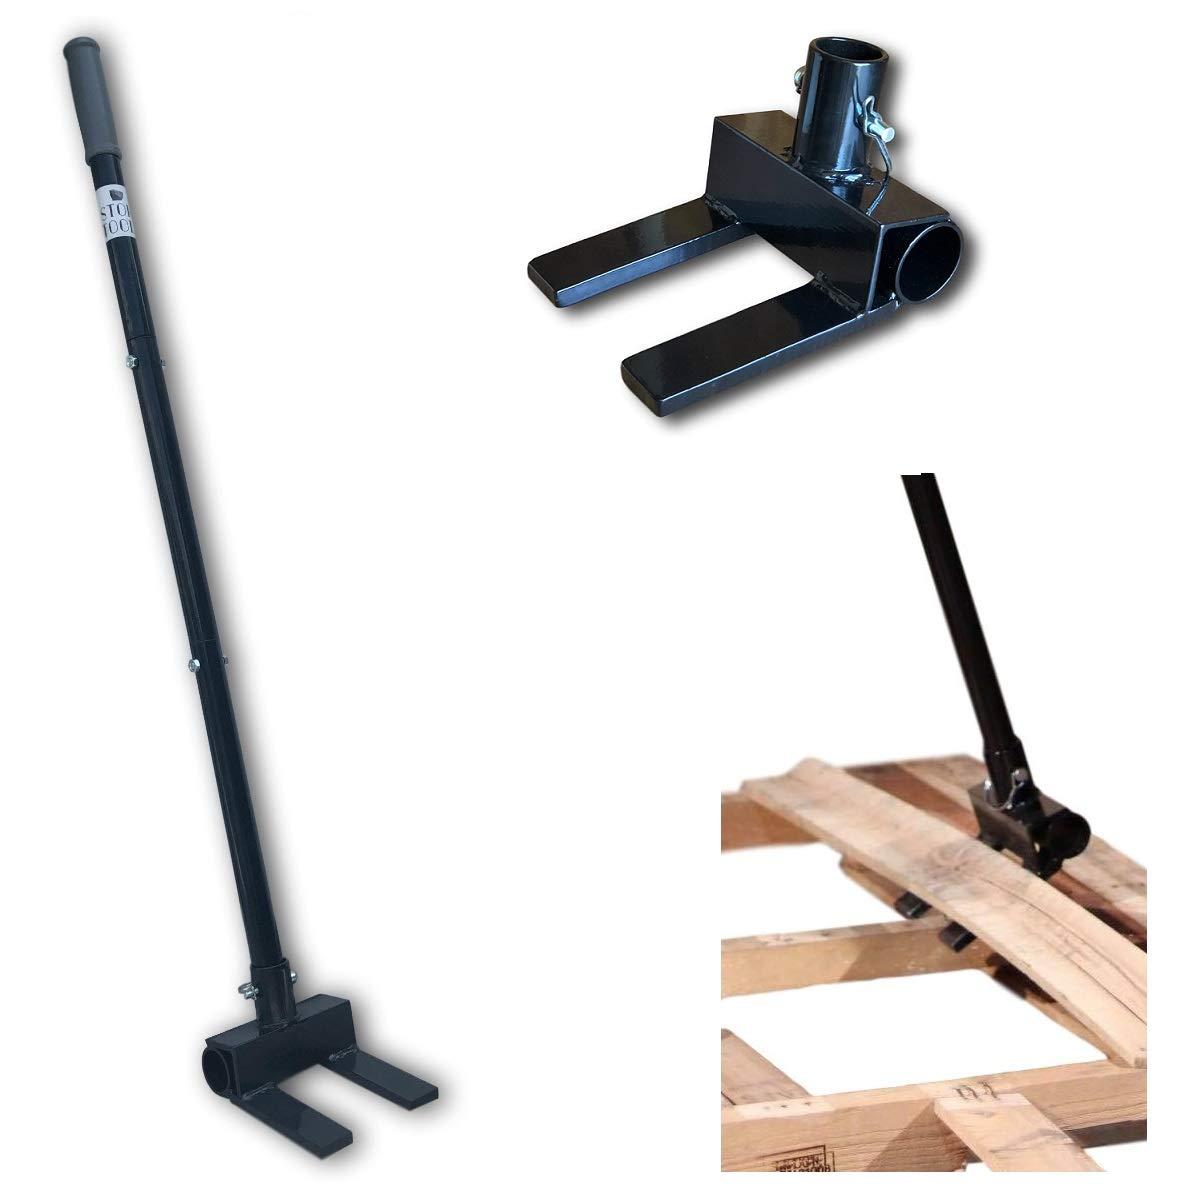 Pallet Buster Deck Wrecker Tool